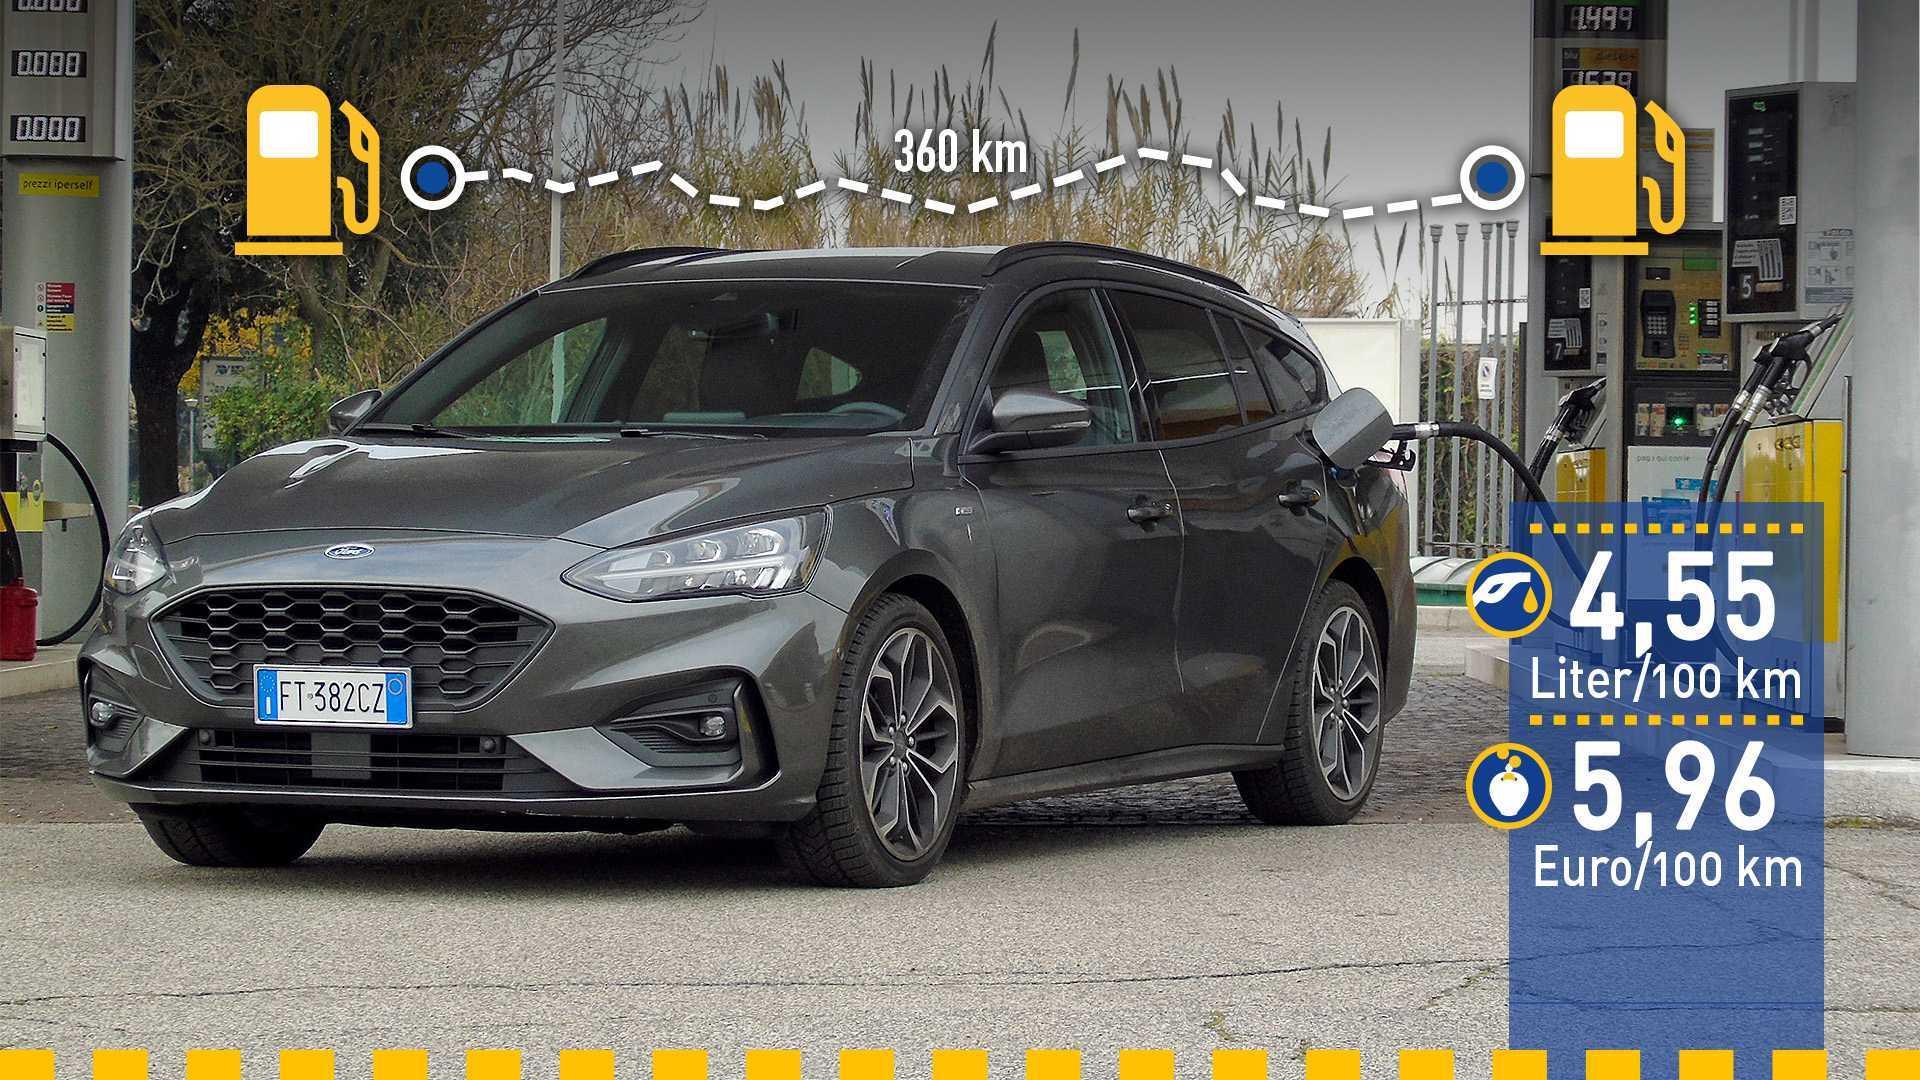 Tatsachlicher Verbrauch Ford Focus Turnier 2 0 Ecoblue Im Test